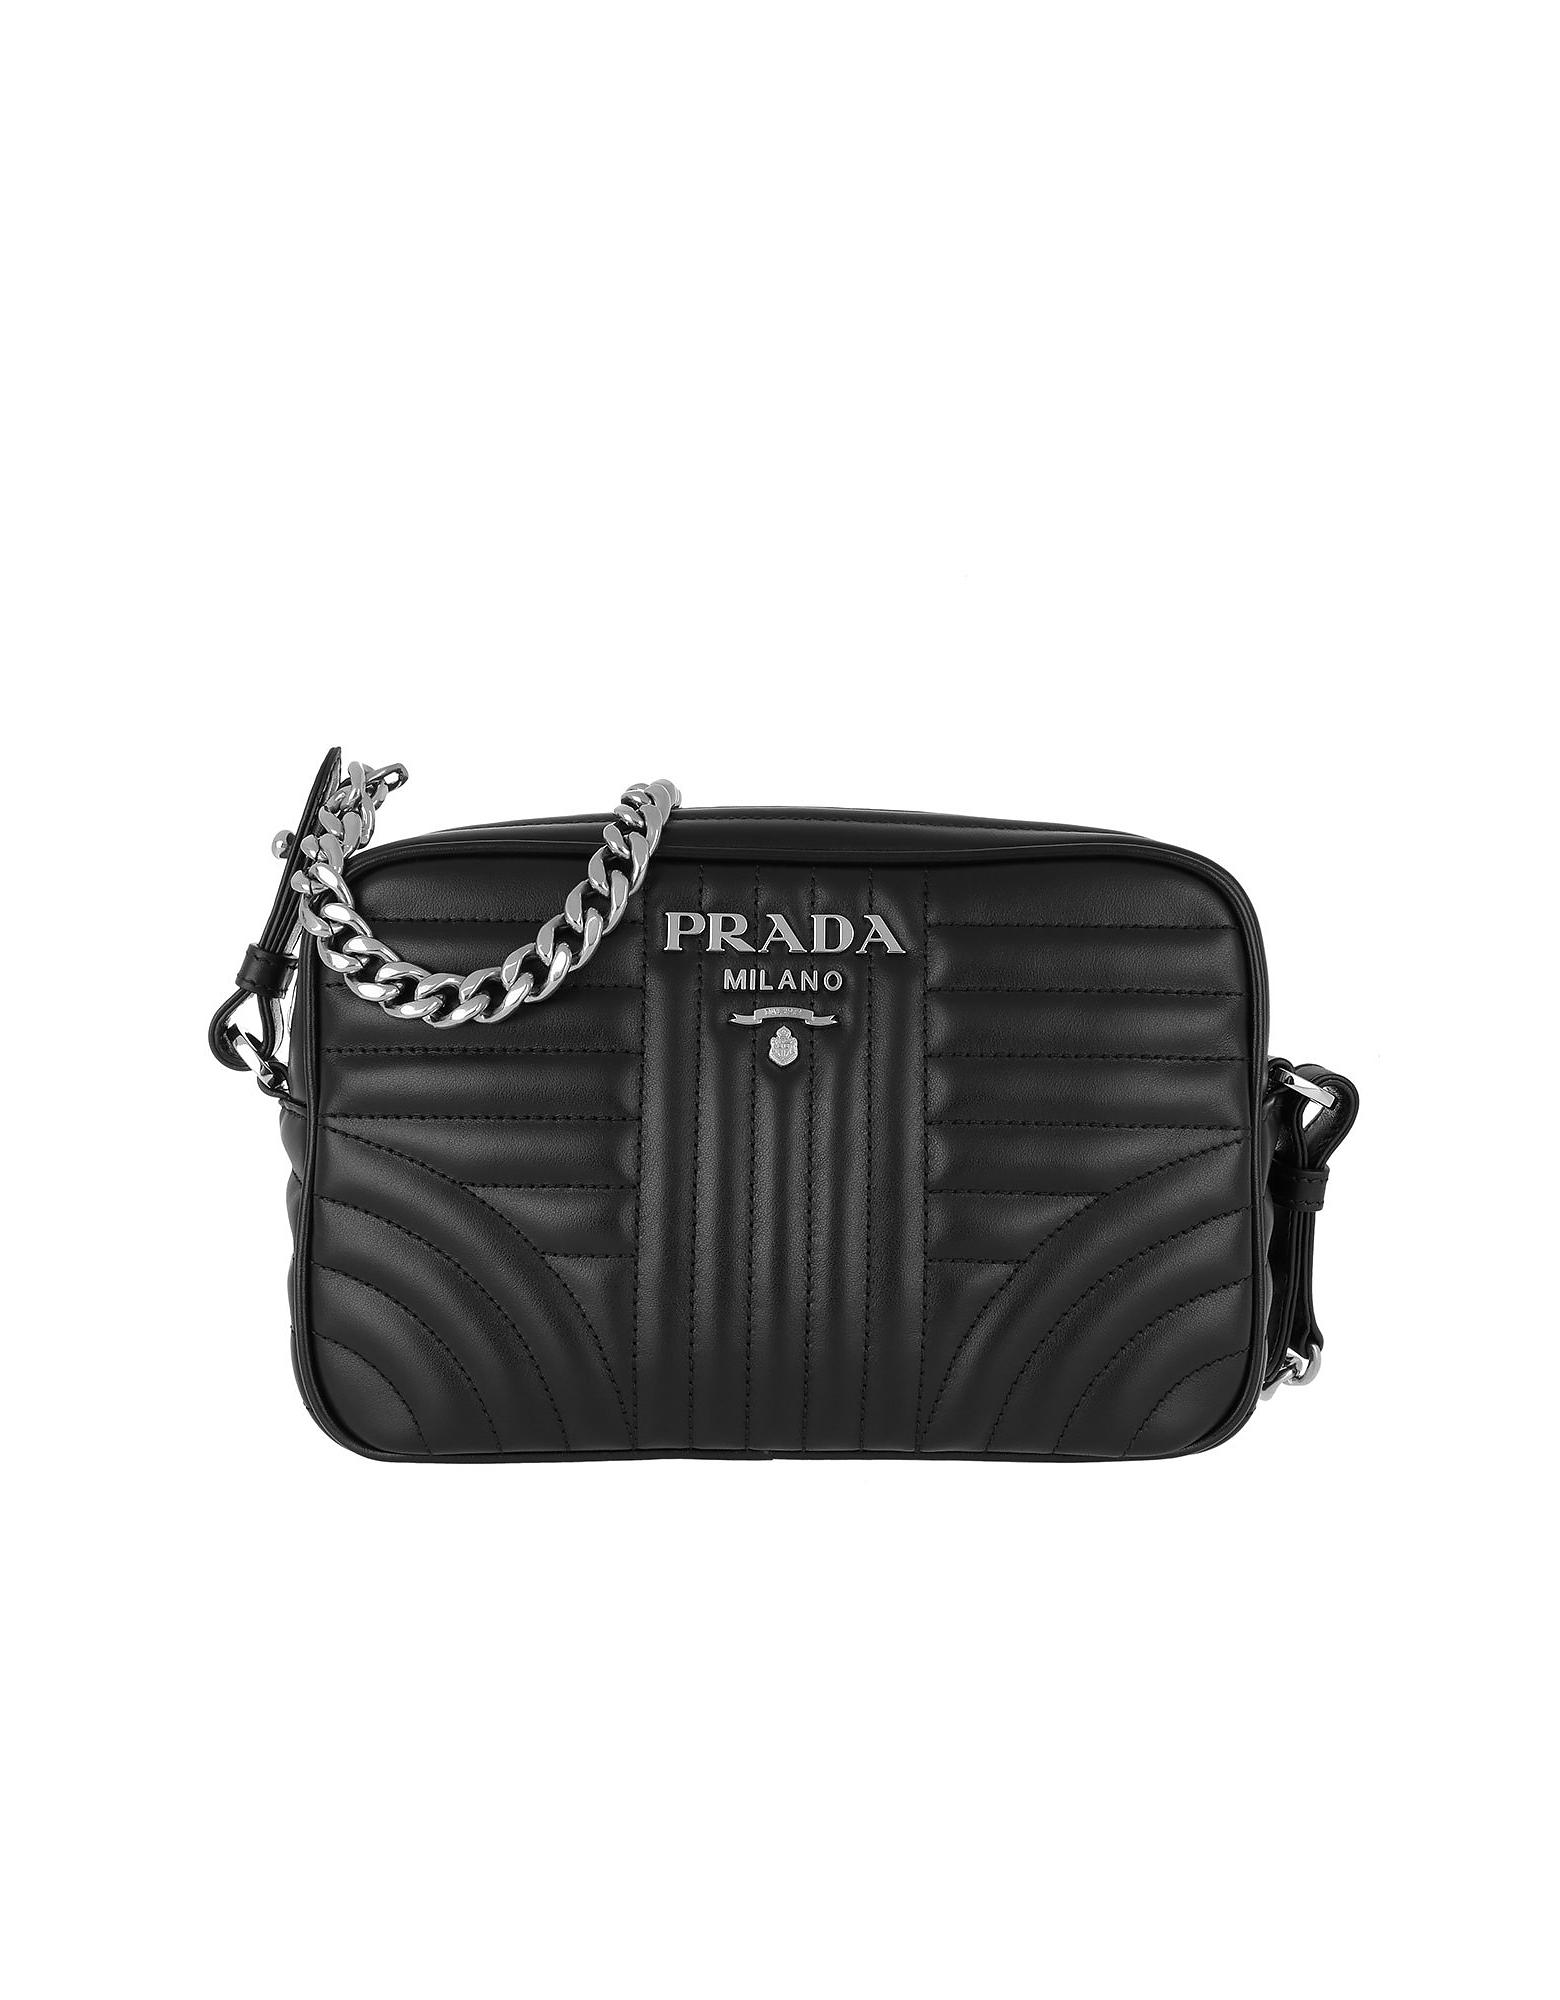 793eb6e522c0 Prada Designer Handbags, Soft Calf Diagramme Crossbody Nero | £1,025.00 |  Port